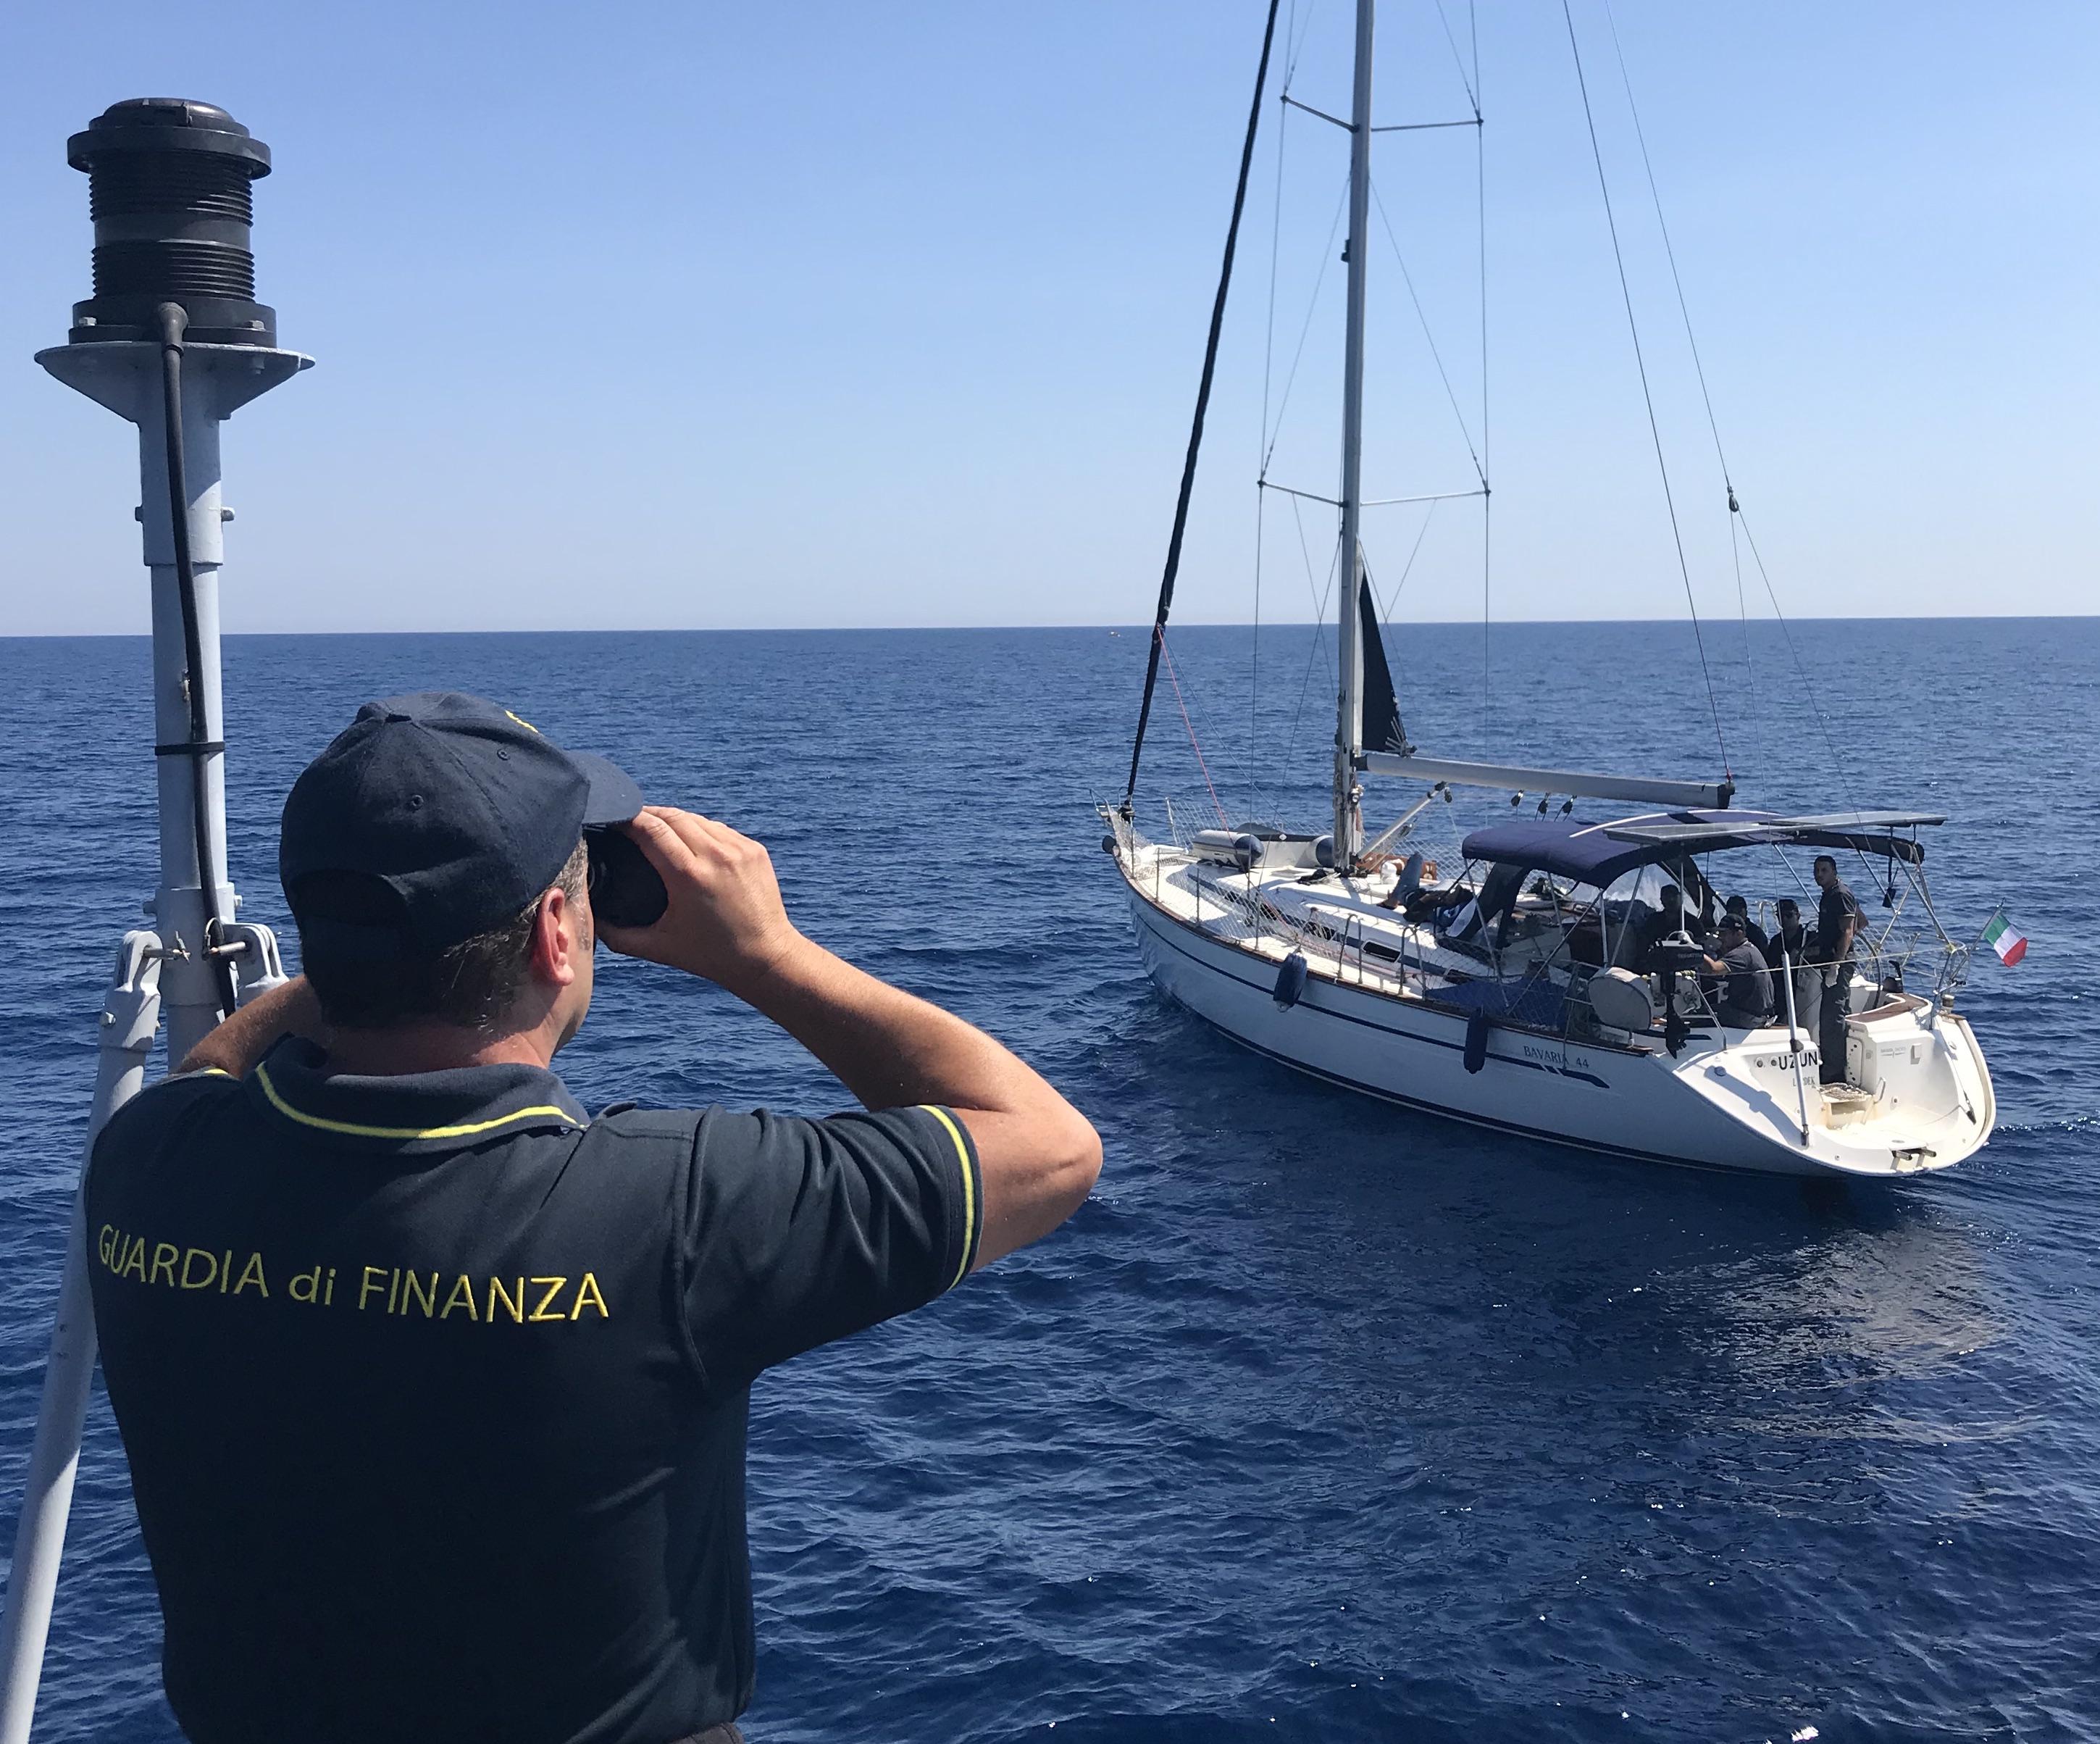 Presi due presunti scafisti a due miglia dalle coste siracusane